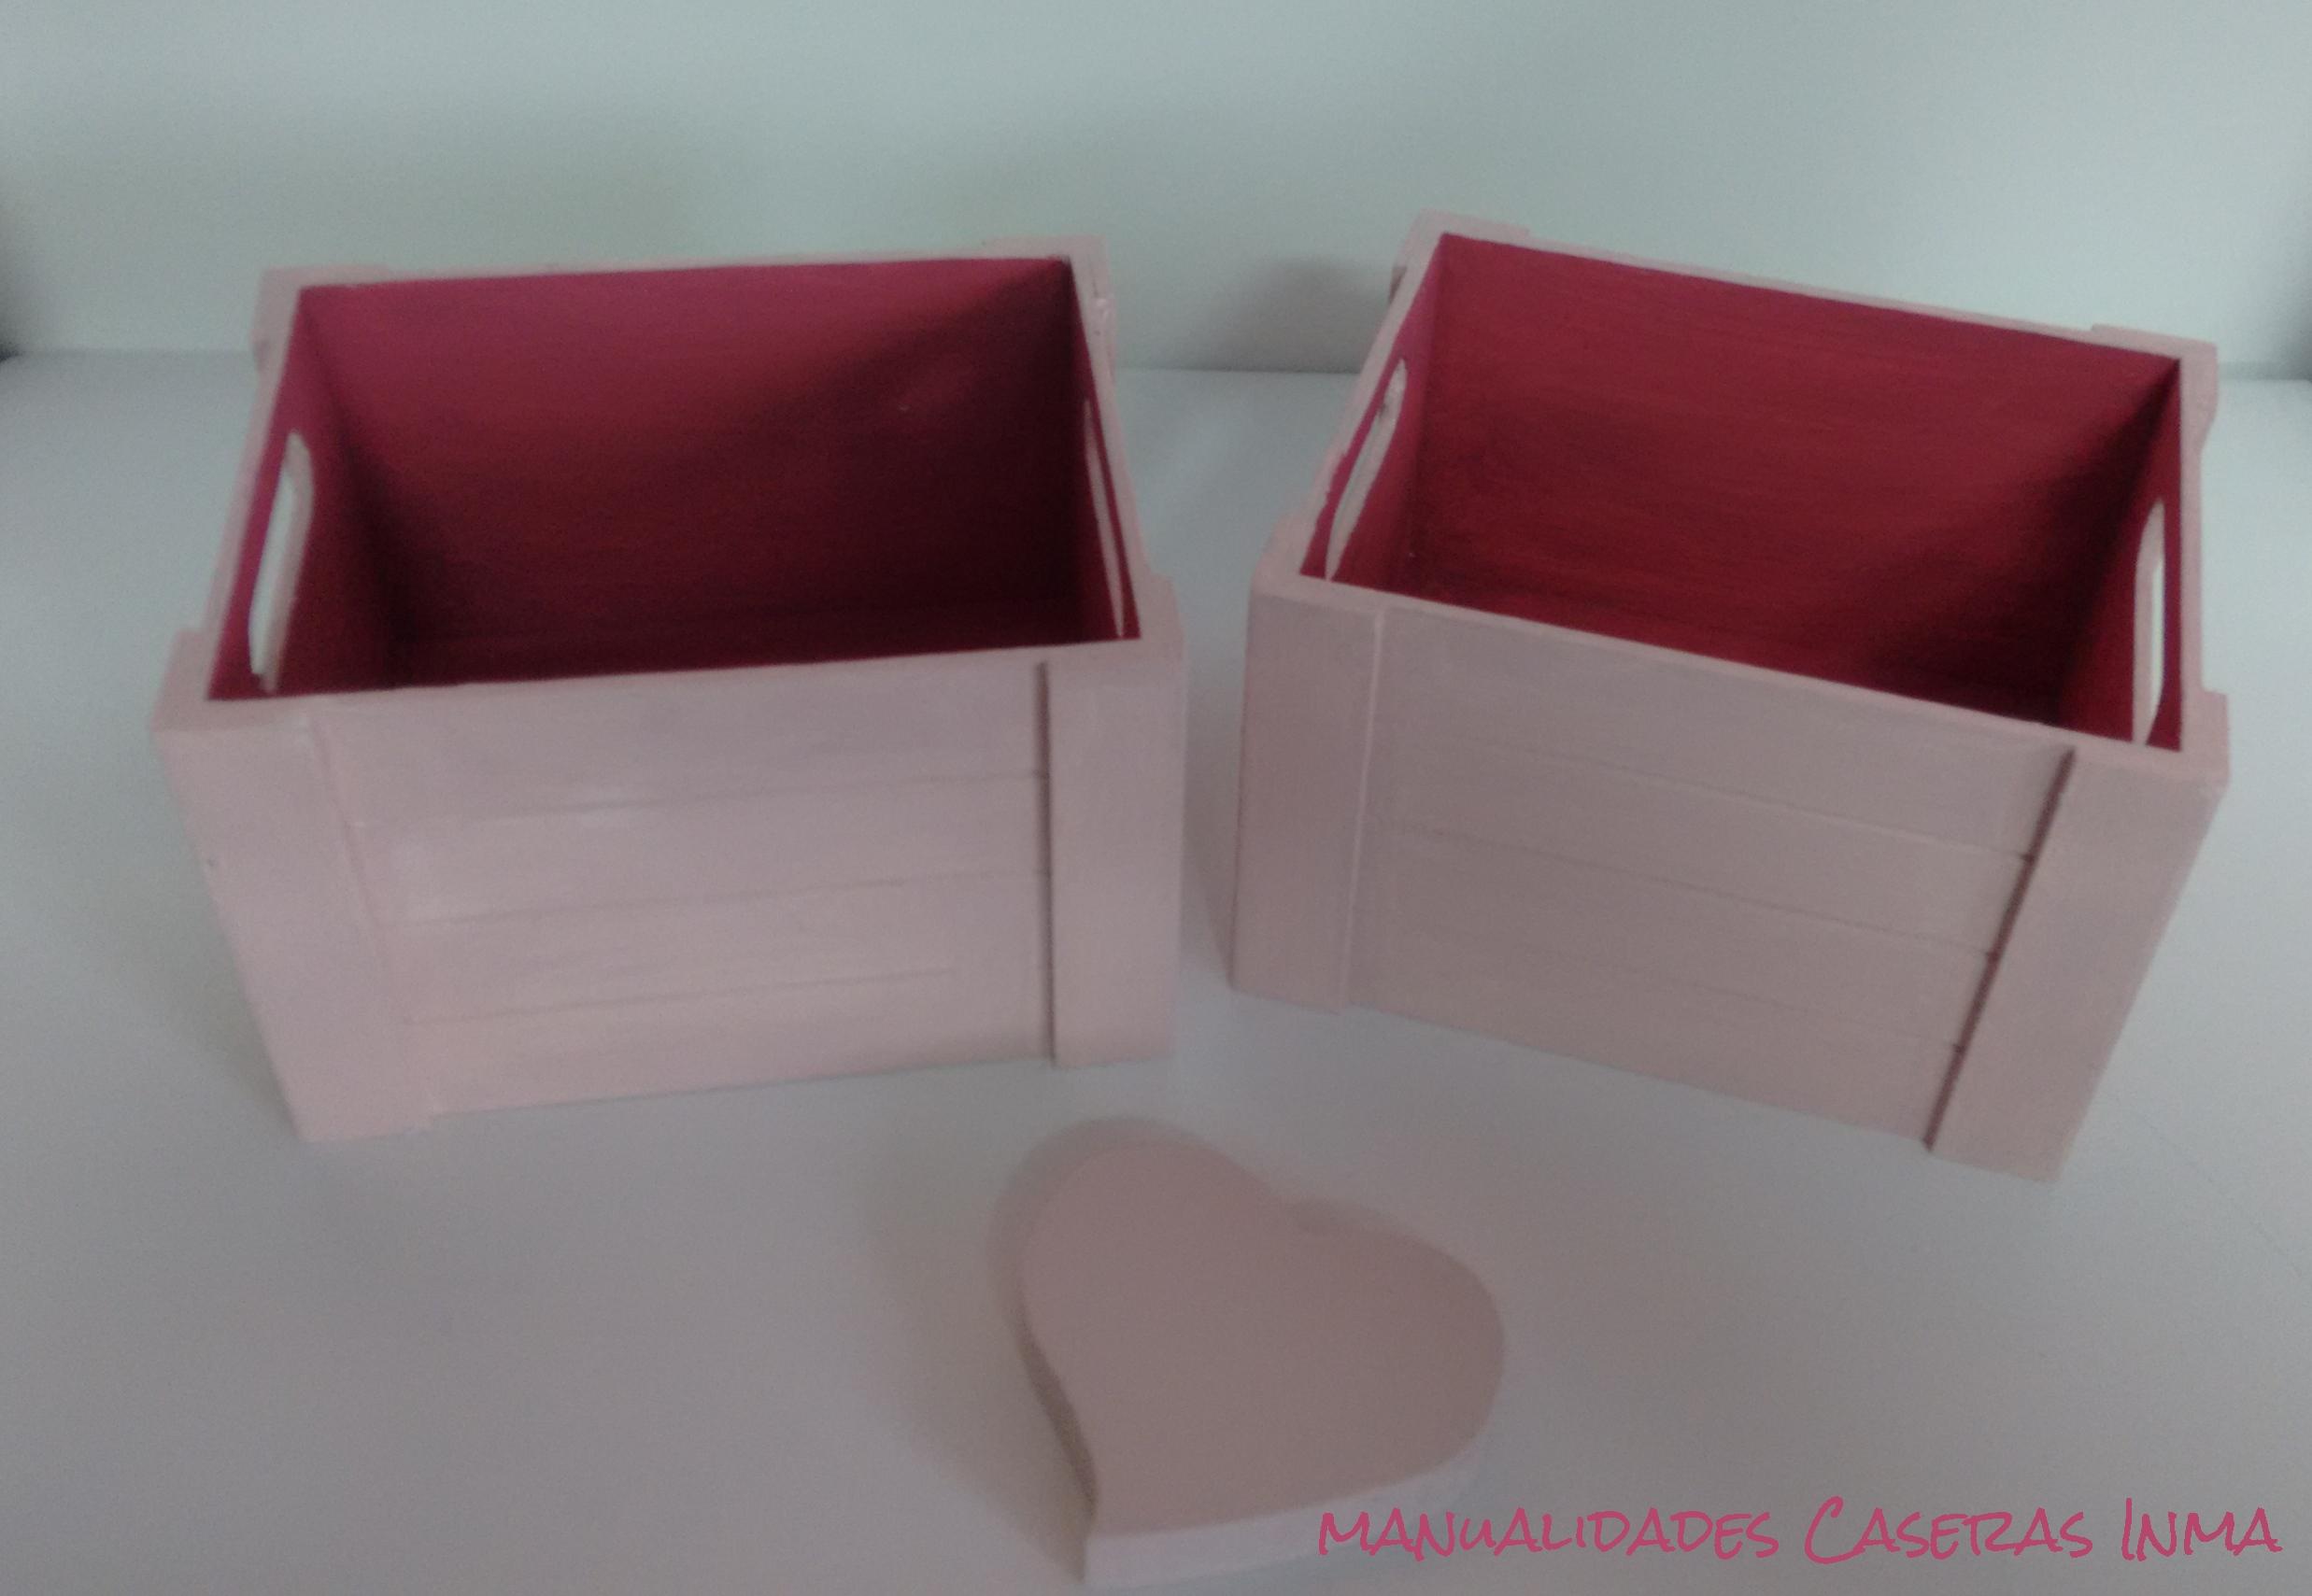 Manualidades Caseras Inma_ cajas para chuches y regalos pintadas en dos tonos de rosa